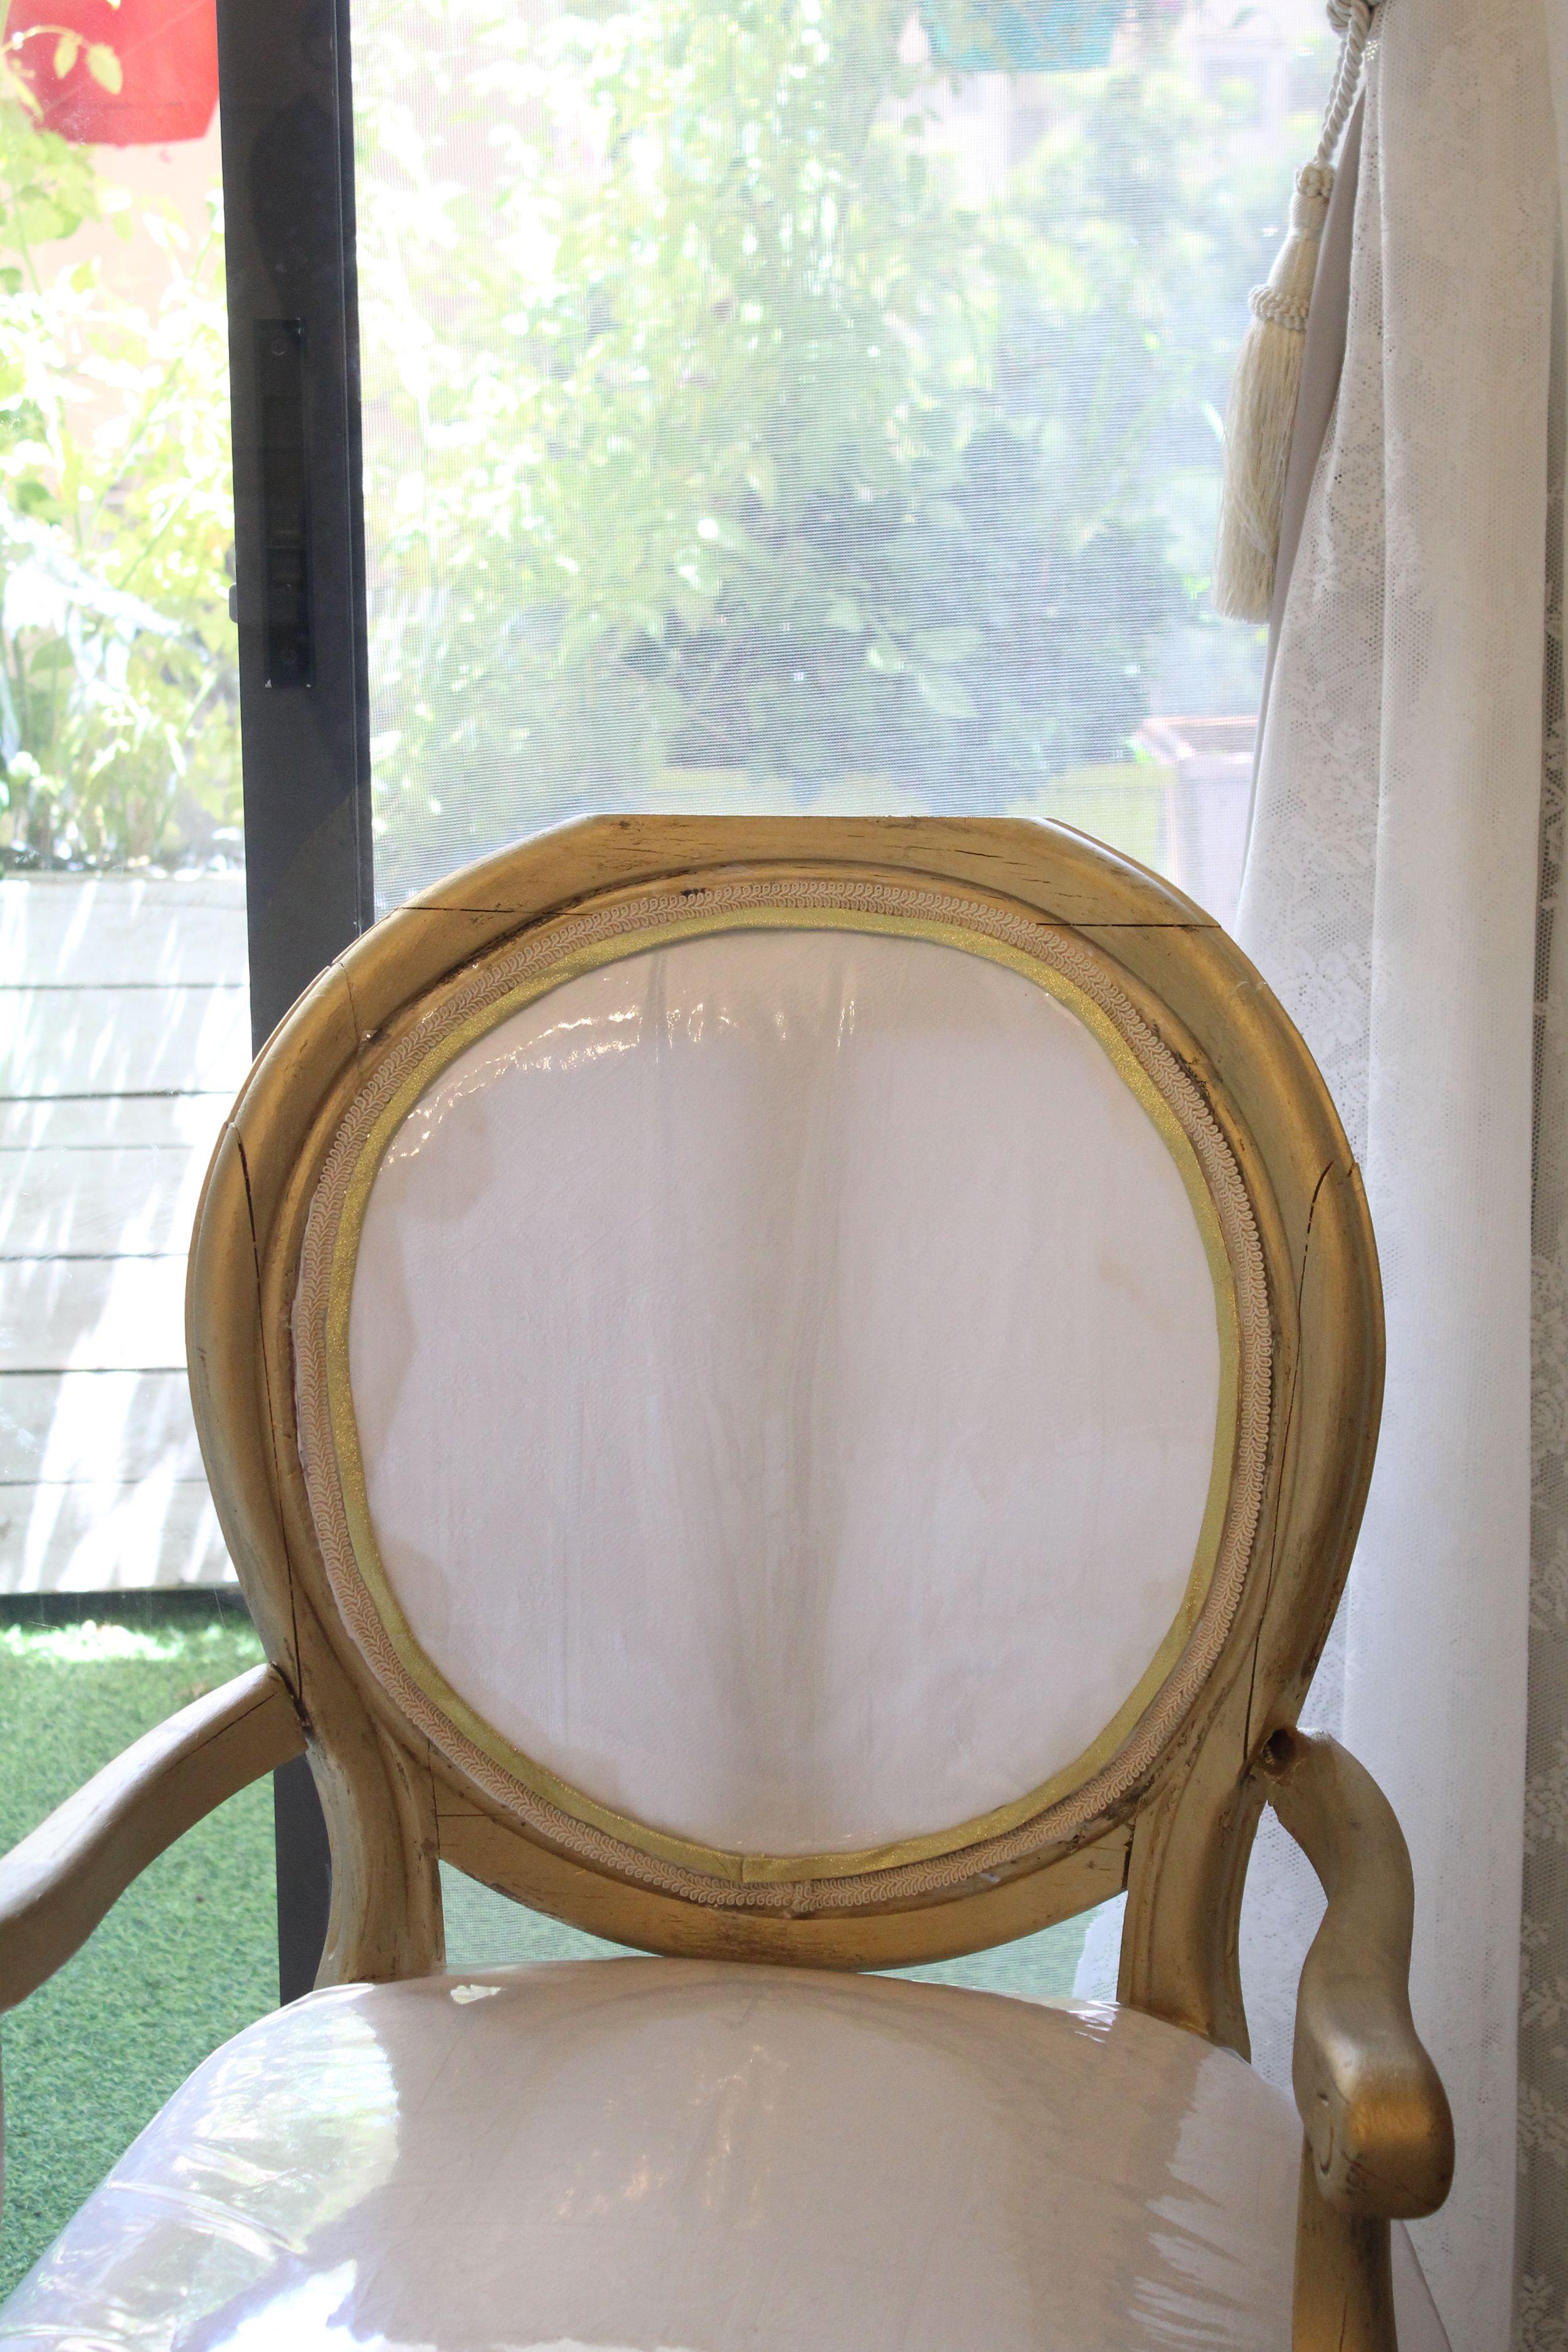 IMG 4207 - חידוש כסא עתיק